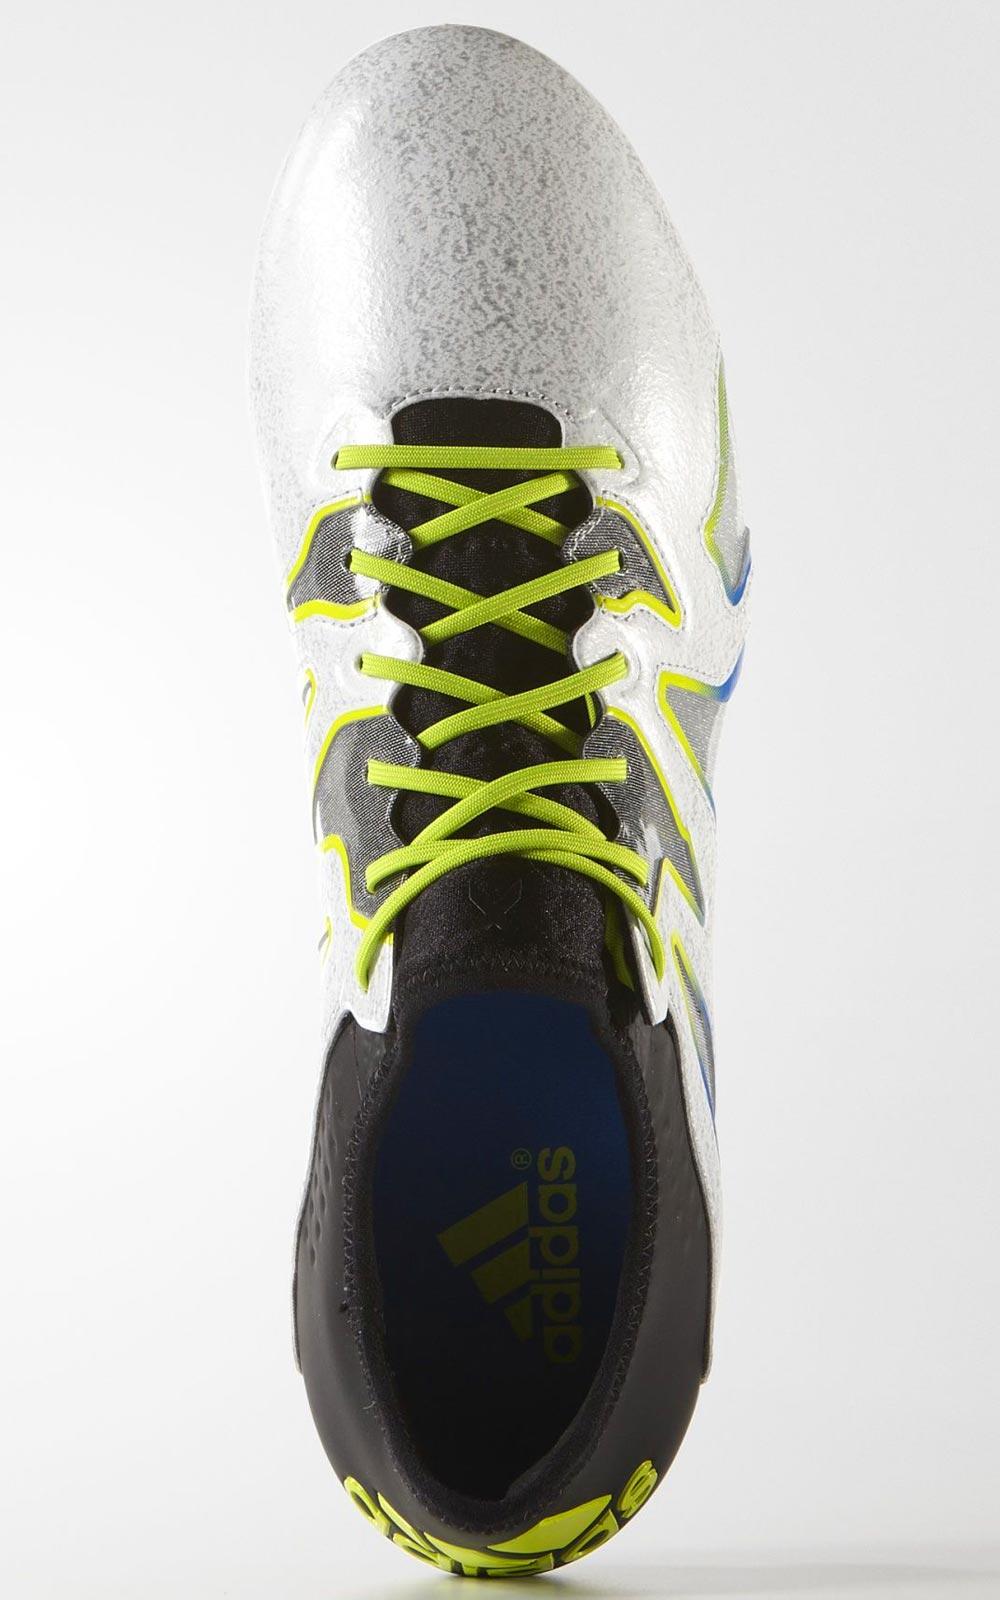 Adidas X 15+ SL 2016